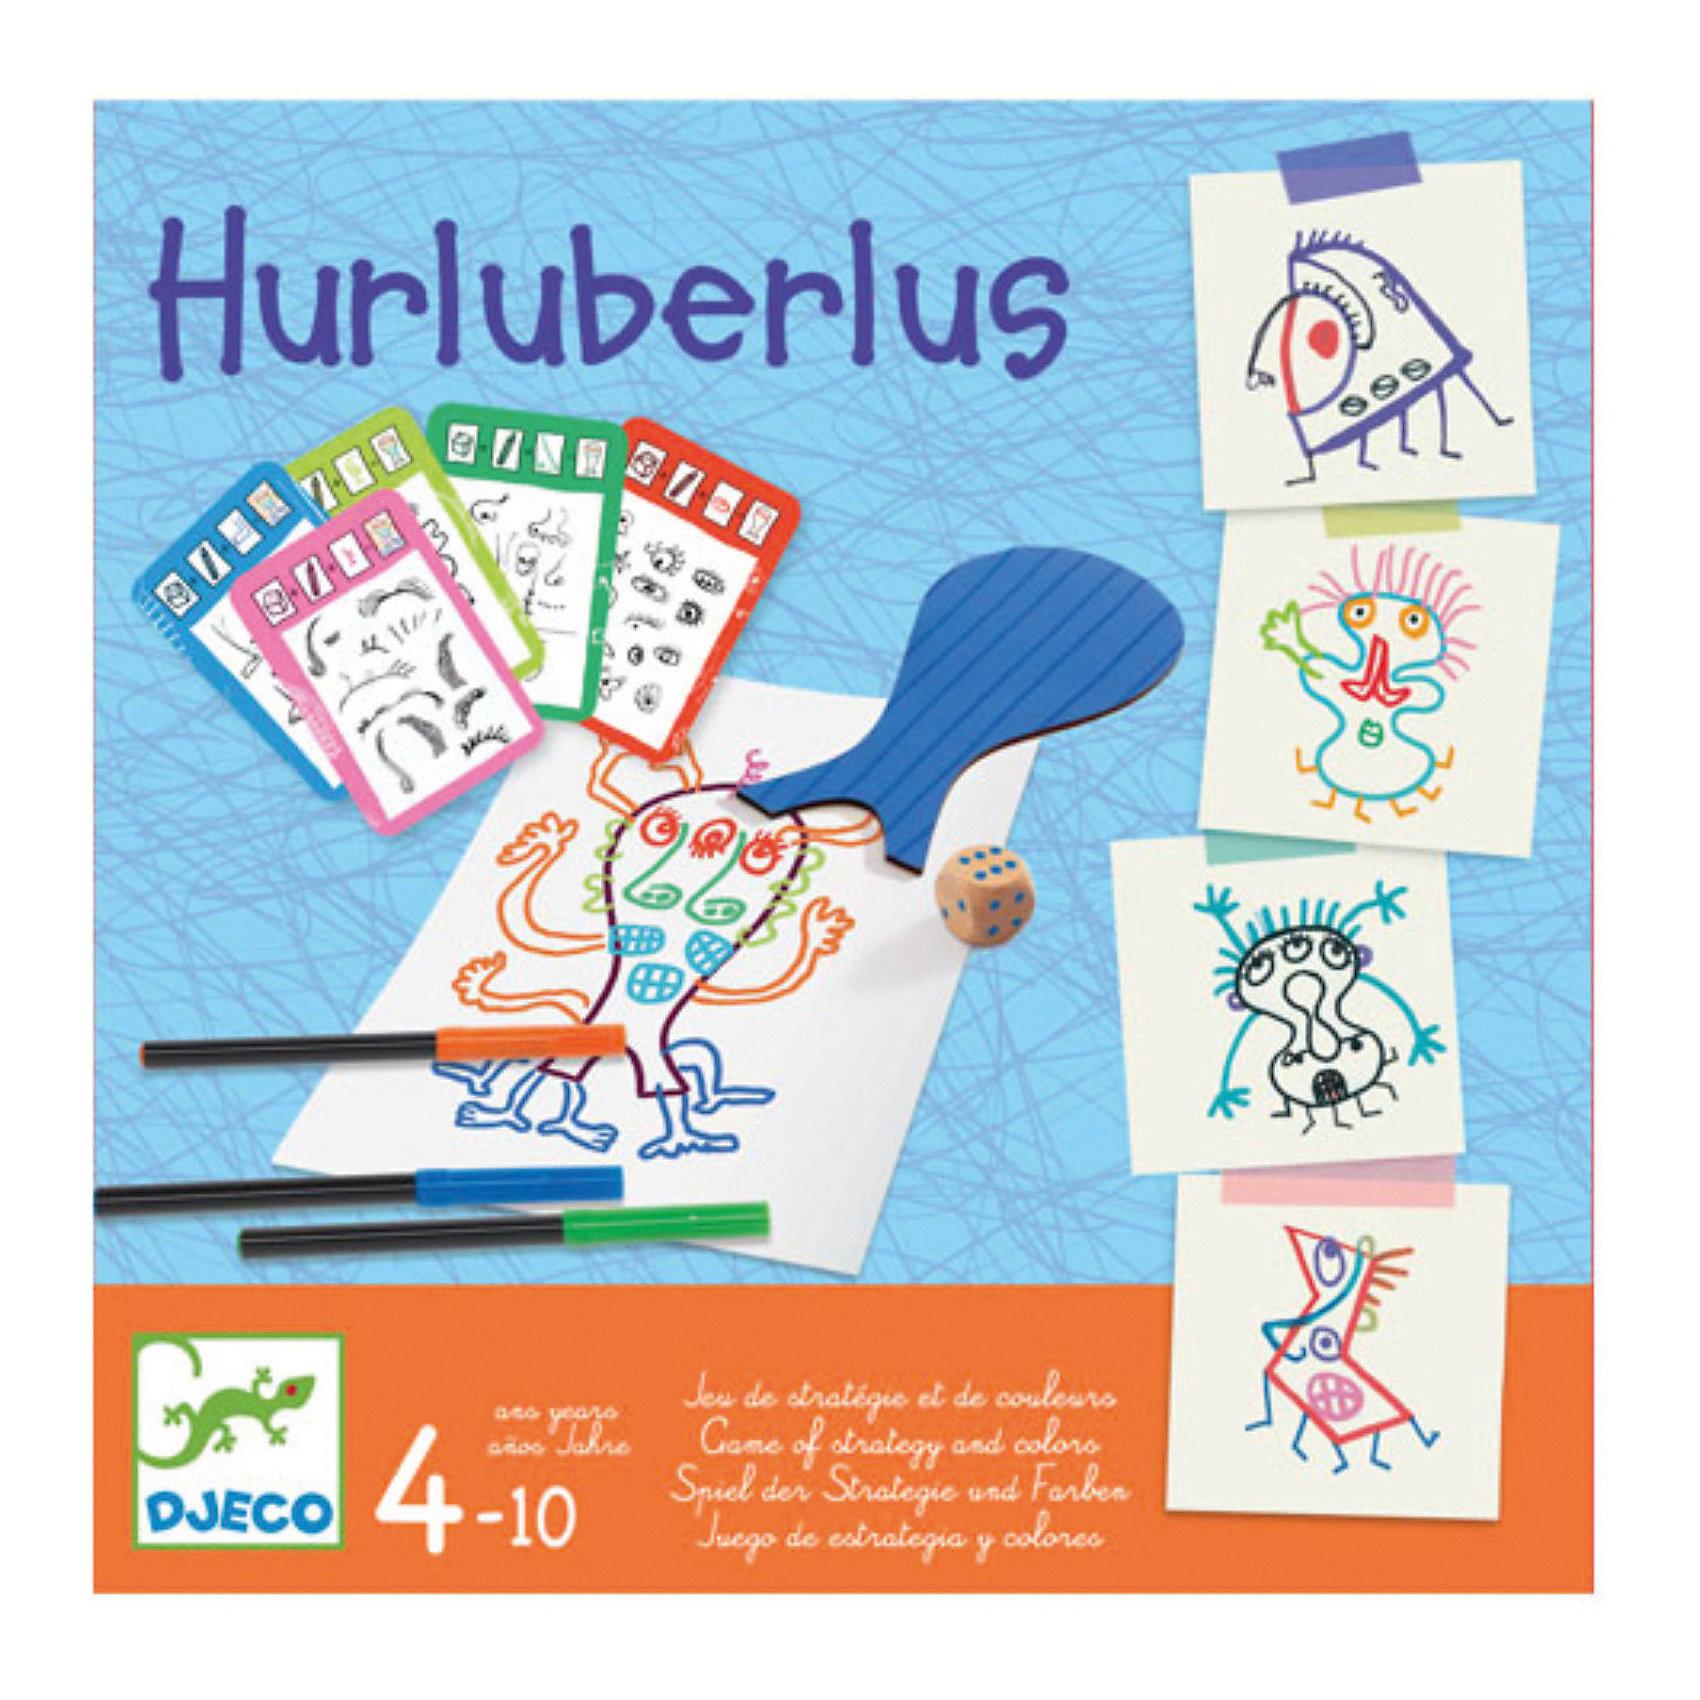 Настольная игра Абракадабра, DJECOРазвивающие игры<br>Настольная игра Абракадабра, DJECO (ДЖЕКО).<br><br>Характеристики:<br><br>- Игра рекомендована для детей от 4 до 10 лет<br>- В комплекте: 8 фигур, 4 фломастера, кубик, 7 карточек с рисунками глаз, носов, ртов, ушей, рук, ног и волос<br>- Количество игроков: от 1 до 6 человек<br>- Время игры: 10 минут<br>- Материал: бумага, пластик, дерево<br>- Игра продается в красивой подарочной коробке, в которой удобно хранить все детали<br>- Размер упаковки: 21,5х21,5х3 см.<br><br>Настольная игра Абракадабра от французского производителя Djeco (Джеко) – это развлекательная творческая игра, которая приведет в восторг малышей! Цель игры: создать фантастического персонажа. Каждый ребенок выбирает фигуру и рисует ее на листе. Начинает игру самый младший игрок. Он берет карточку-рисунок. На ней указана часть тела, которую необходимо дорисовать: глаза, носы, рты, уши, руки, ноги, волосы. Игроки по очереди бросают кубик, и рисуют на своей форме часть тела в количестве равном числу выпавшем на кубике. Затем карточку берет следующий игрок и так далее, пока не будут использованы все семь карточек. Добавив к формам части тела со всех семи карточек, игроки заканчивают рисование. Галерея абстрактного искусства готова! Невероятные персонажи вызовут дружный хохот и поднимут настроение! Игра создана по оригинальной идее Эрве Тюлле — иллюстратора, создающий цветной, динамичный и интерактивный мир. Во время игры у ребенка развивается творческое мышление и мелкая моторика рук.<br><br>Настольную игру Абракадабра, DJECO (ДЖЕКО) можно купить в нашем интернет-магазине.<br><br>Ширина мм: 215<br>Глубина мм: 215<br>Высота мм: 30<br>Вес г: 600<br>Возраст от месяцев: 48<br>Возраст до месяцев: 2147483647<br>Пол: Унисекс<br>Возраст: Детский<br>SKU: 5299152